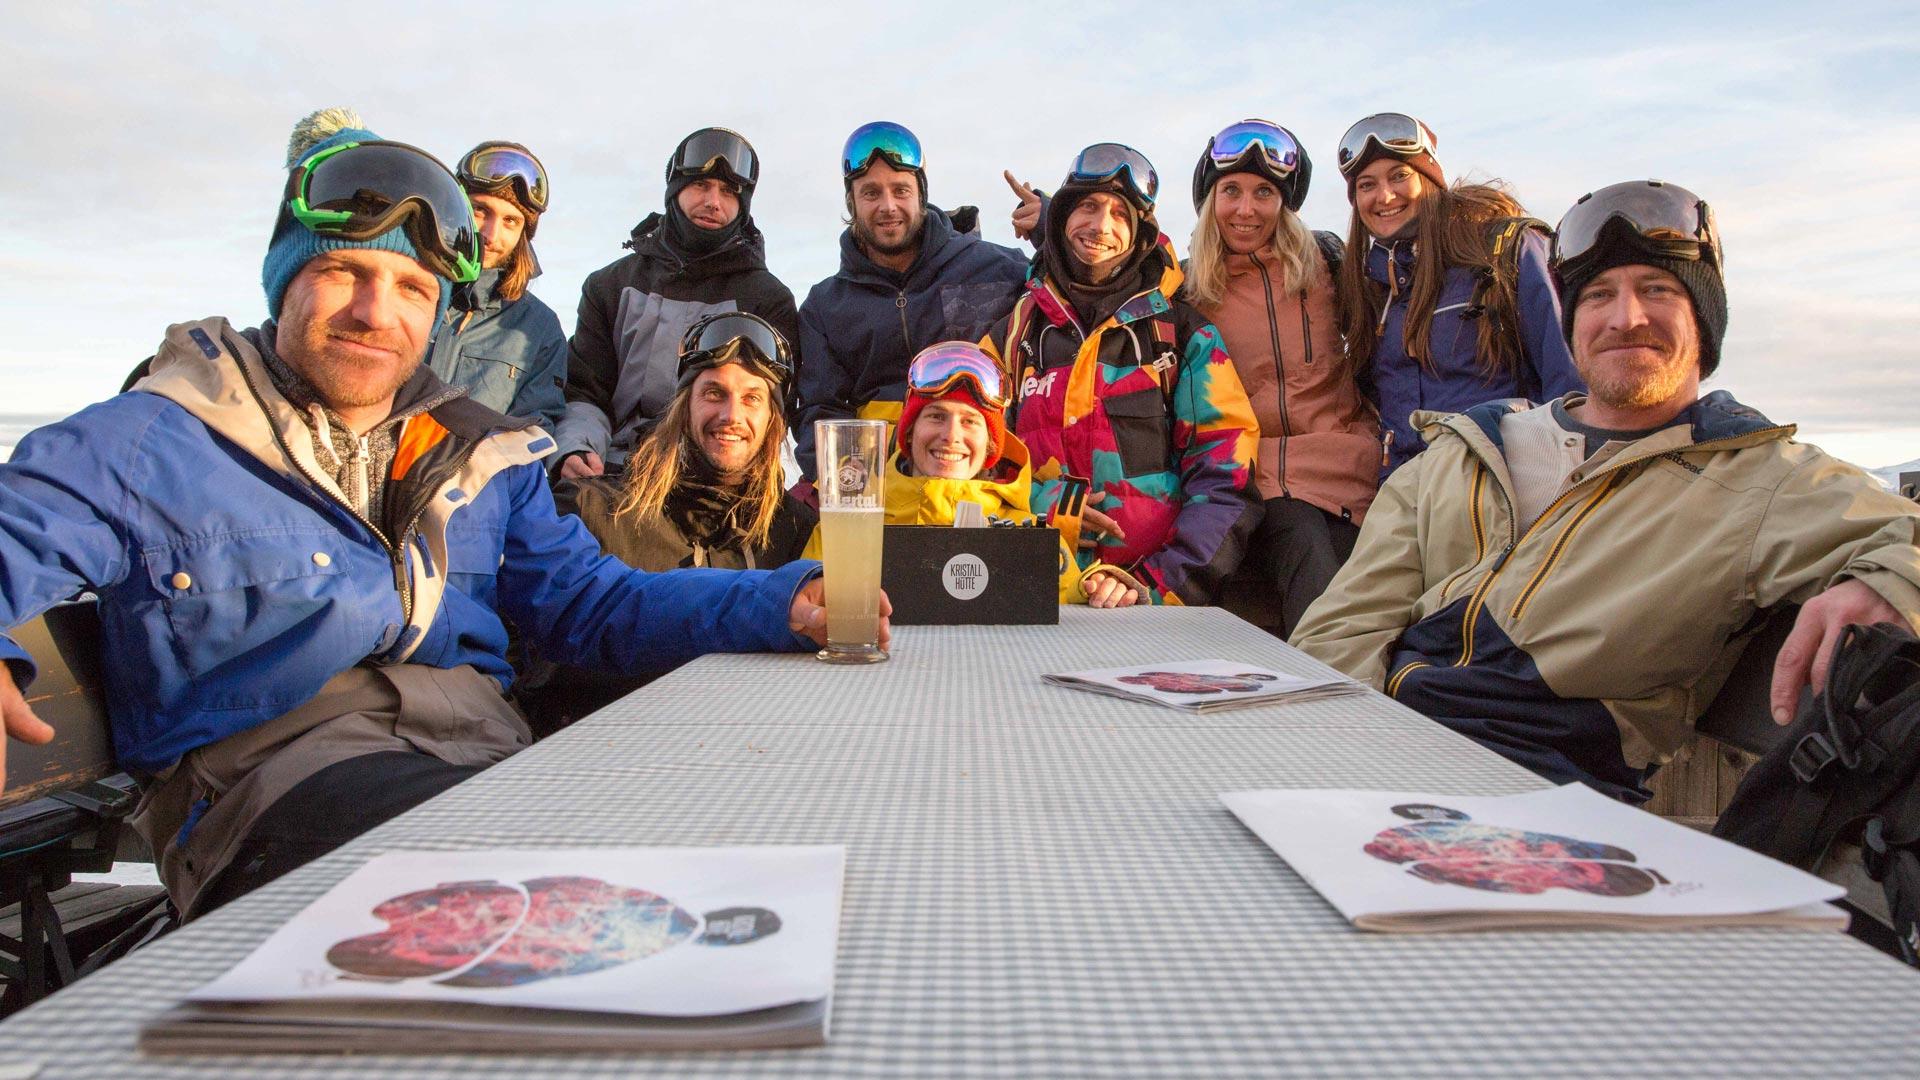 Die gesamte Crew freut sich schon auf das Event am Wochenende! - Foto: Matt McHattieq